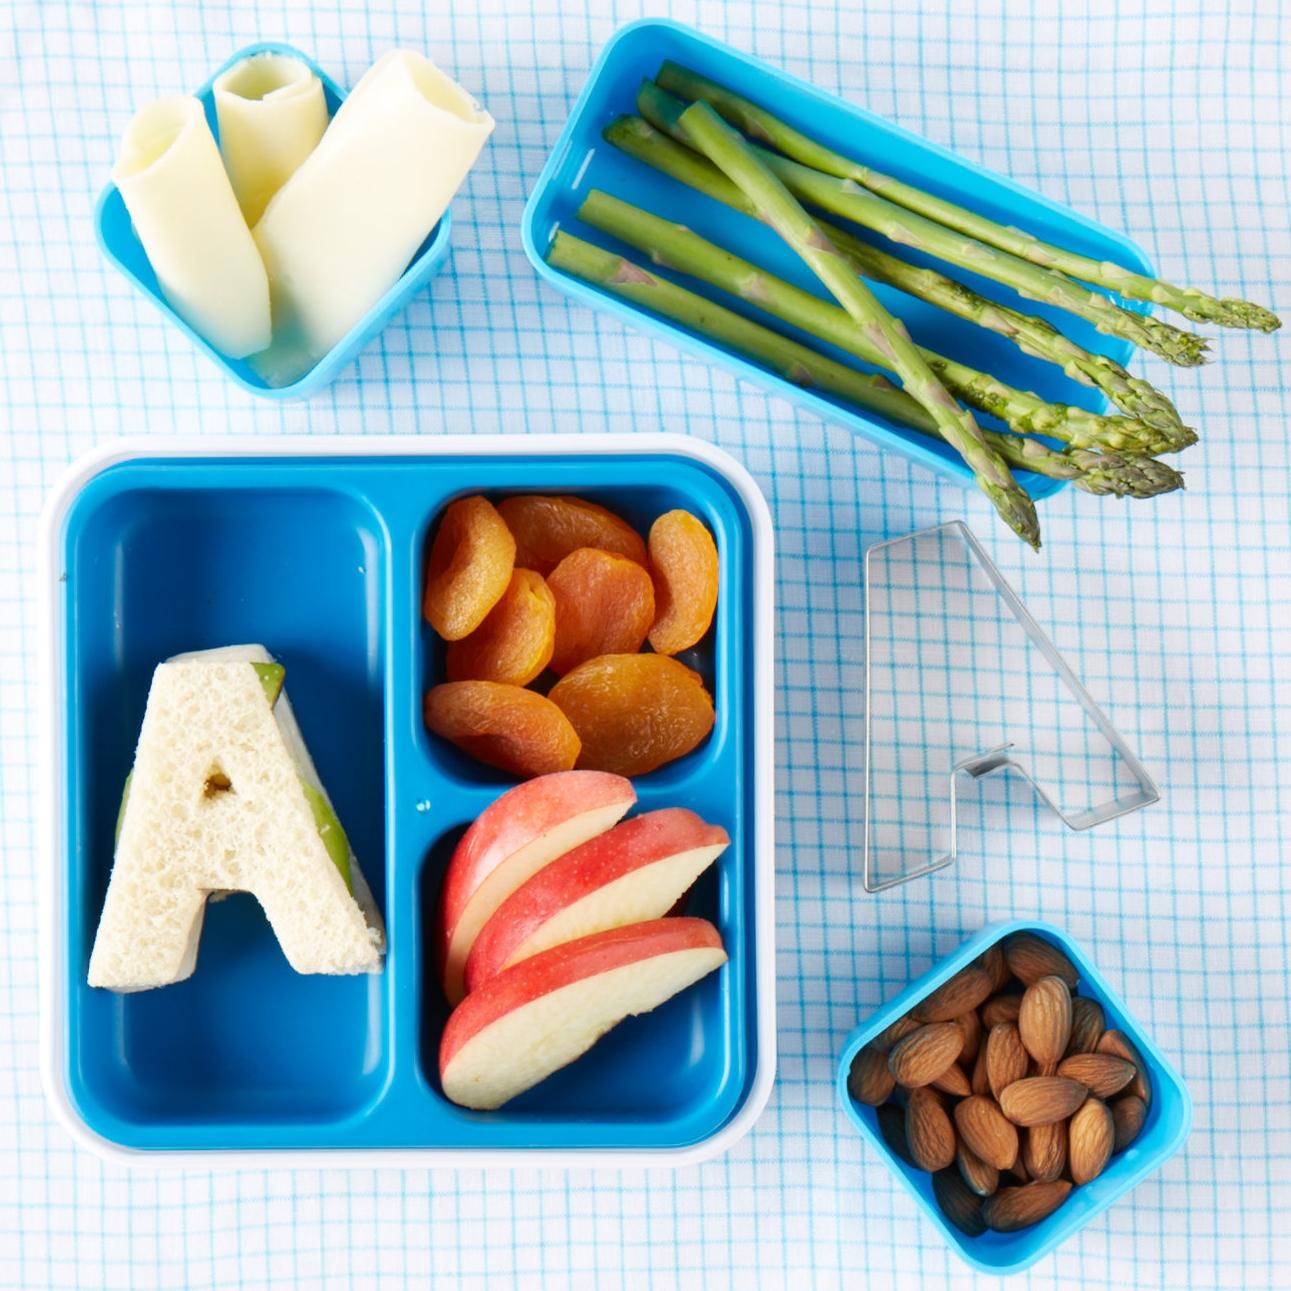 Alphabet Bento Box Lunch  for  Carter's |  Steve Pomberg